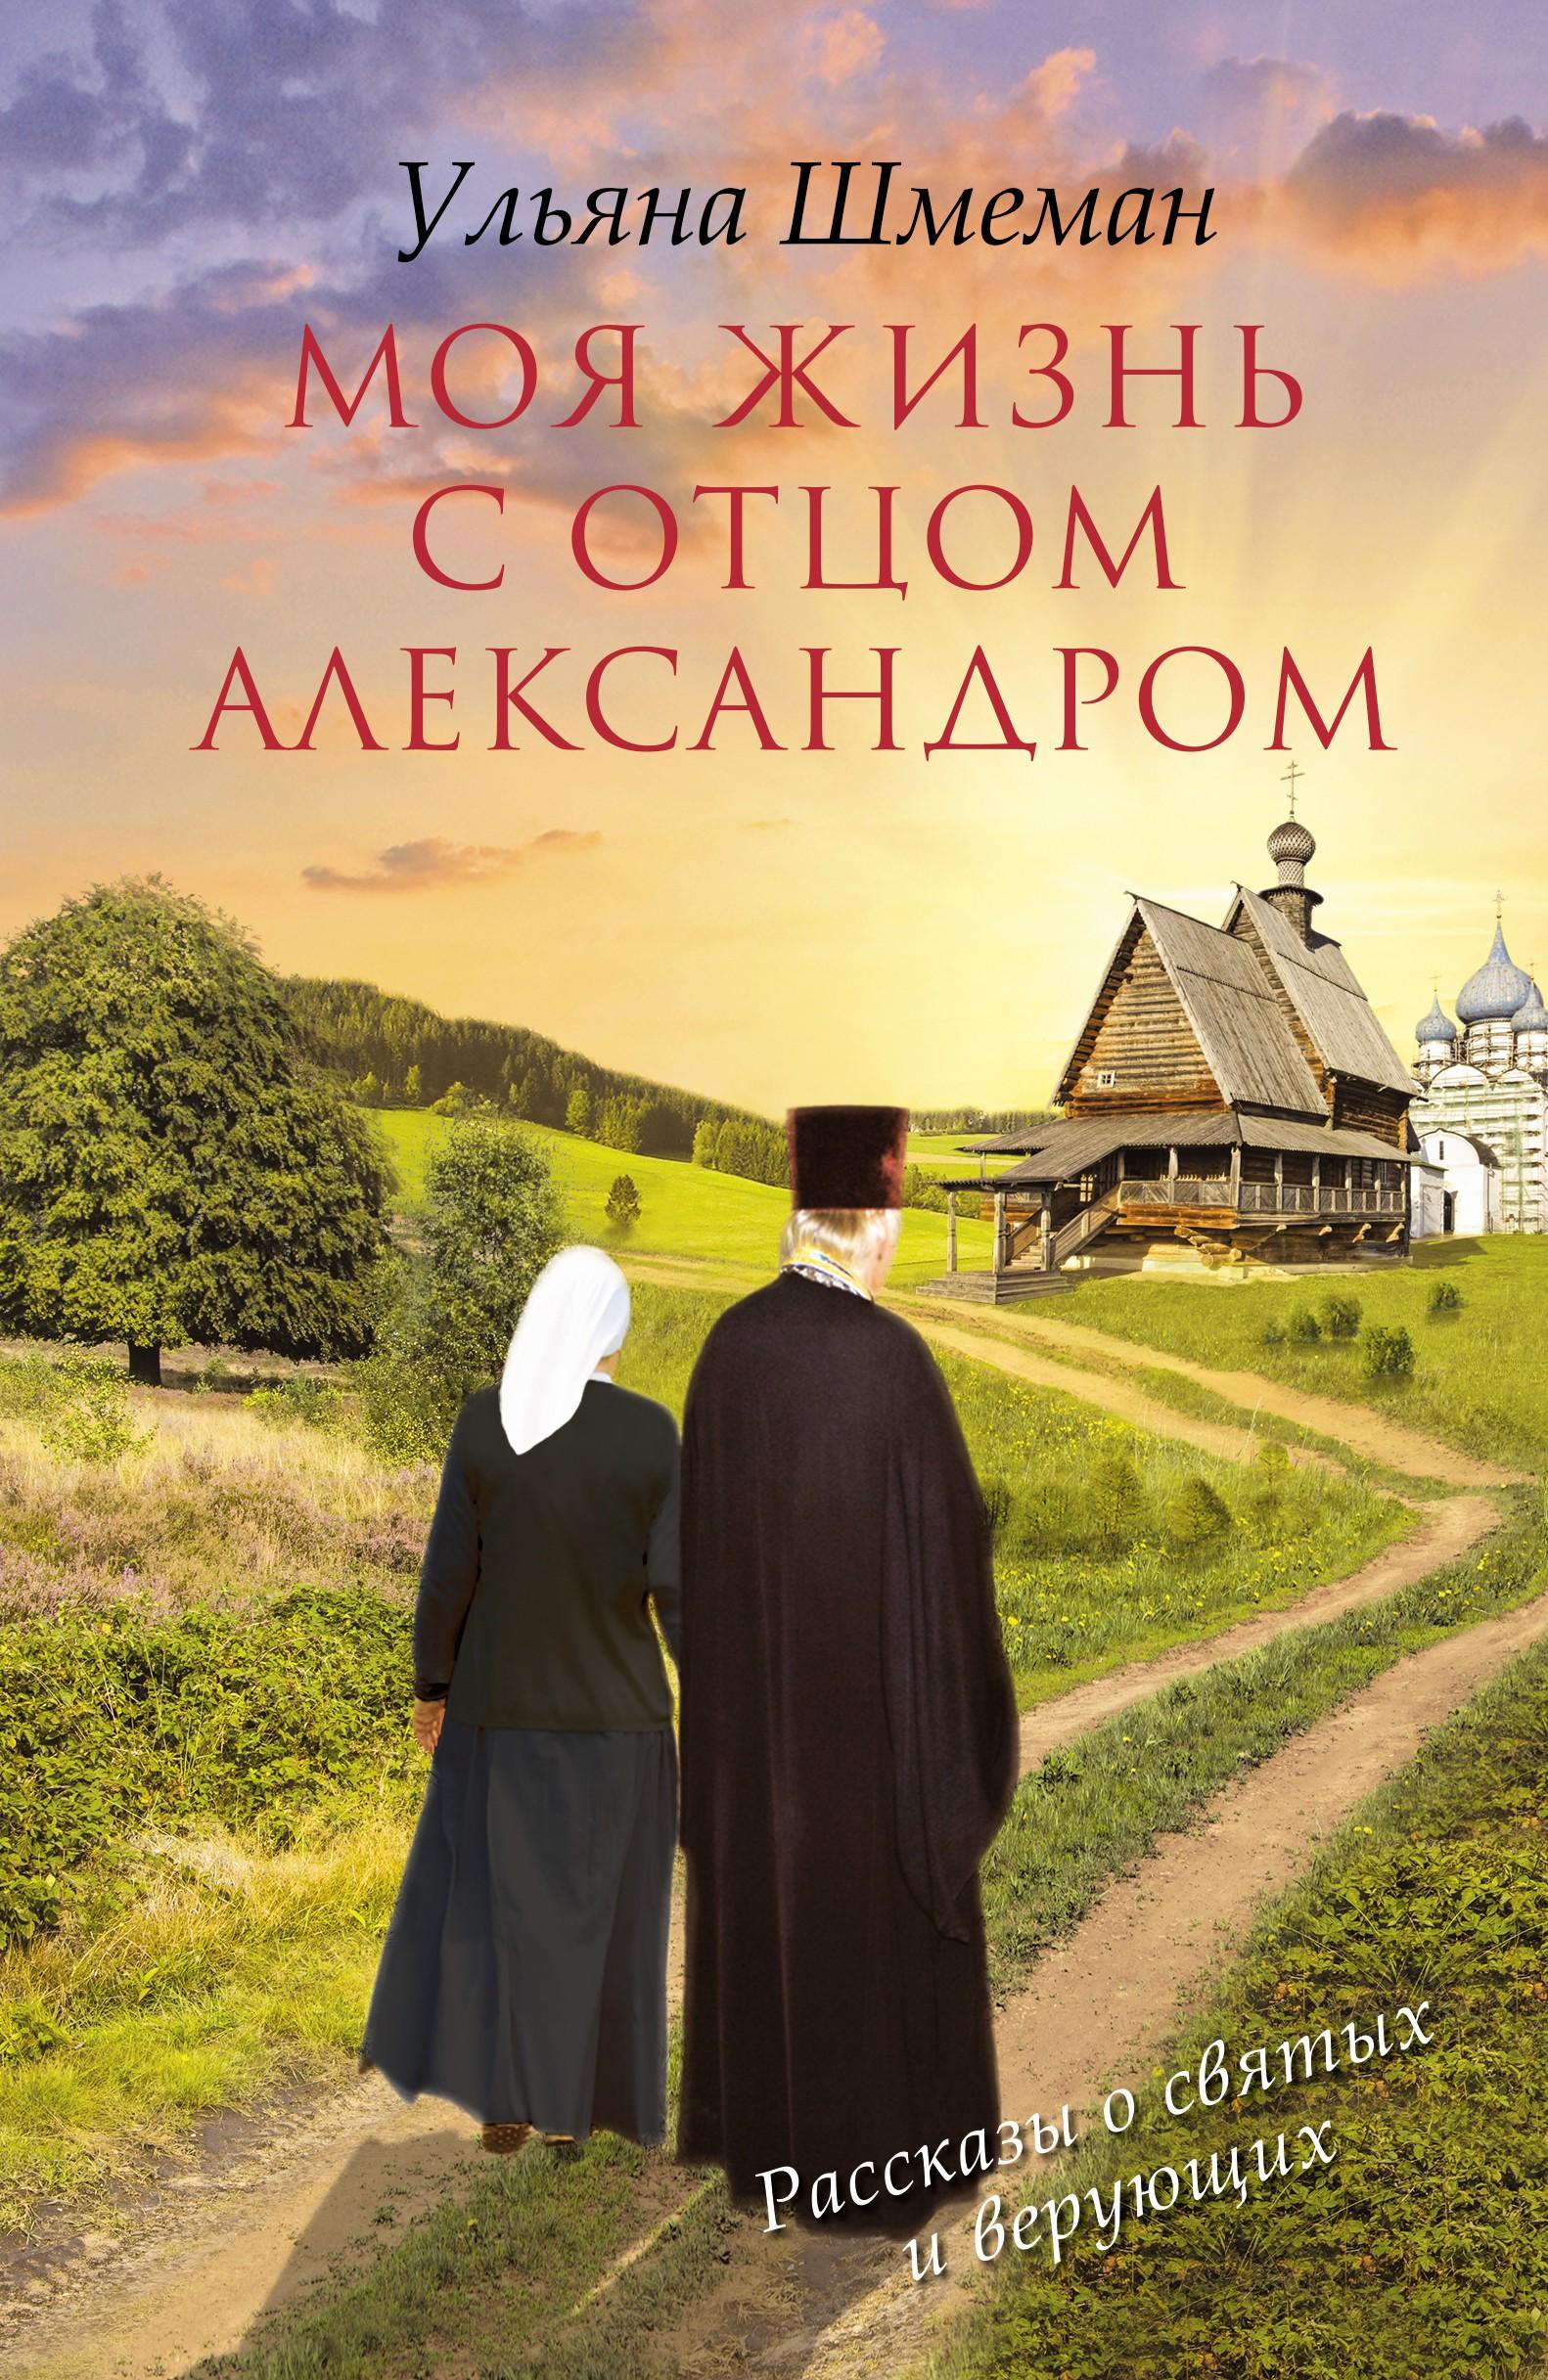 Ульяна Шмеман Моя жизнь с отцом Александром